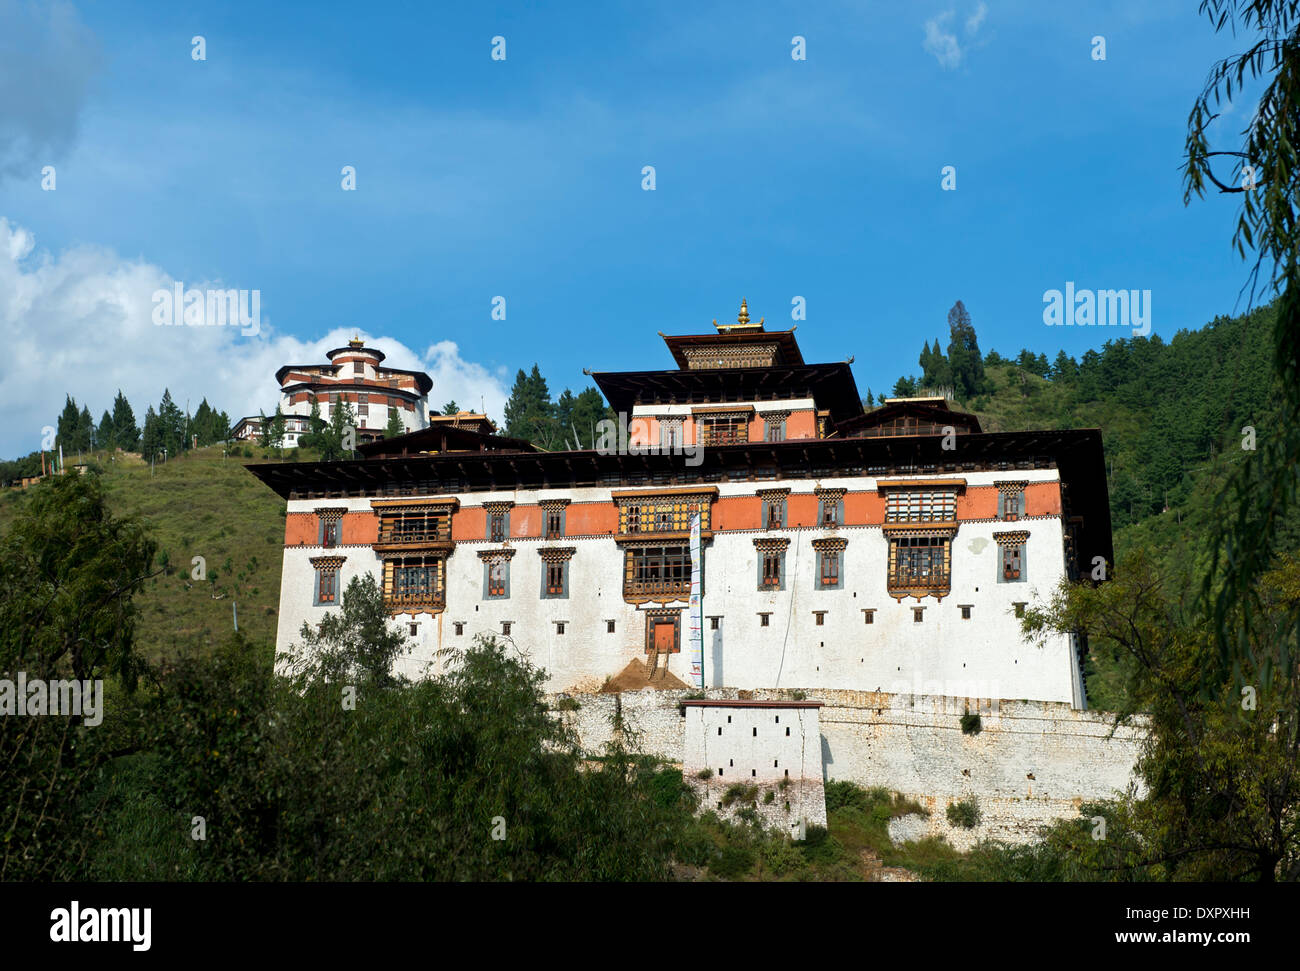 Rinpung Dzong, Drukpa Kagyu Buddhist monastery and fortress, Paro, Bhutan - Stock Image